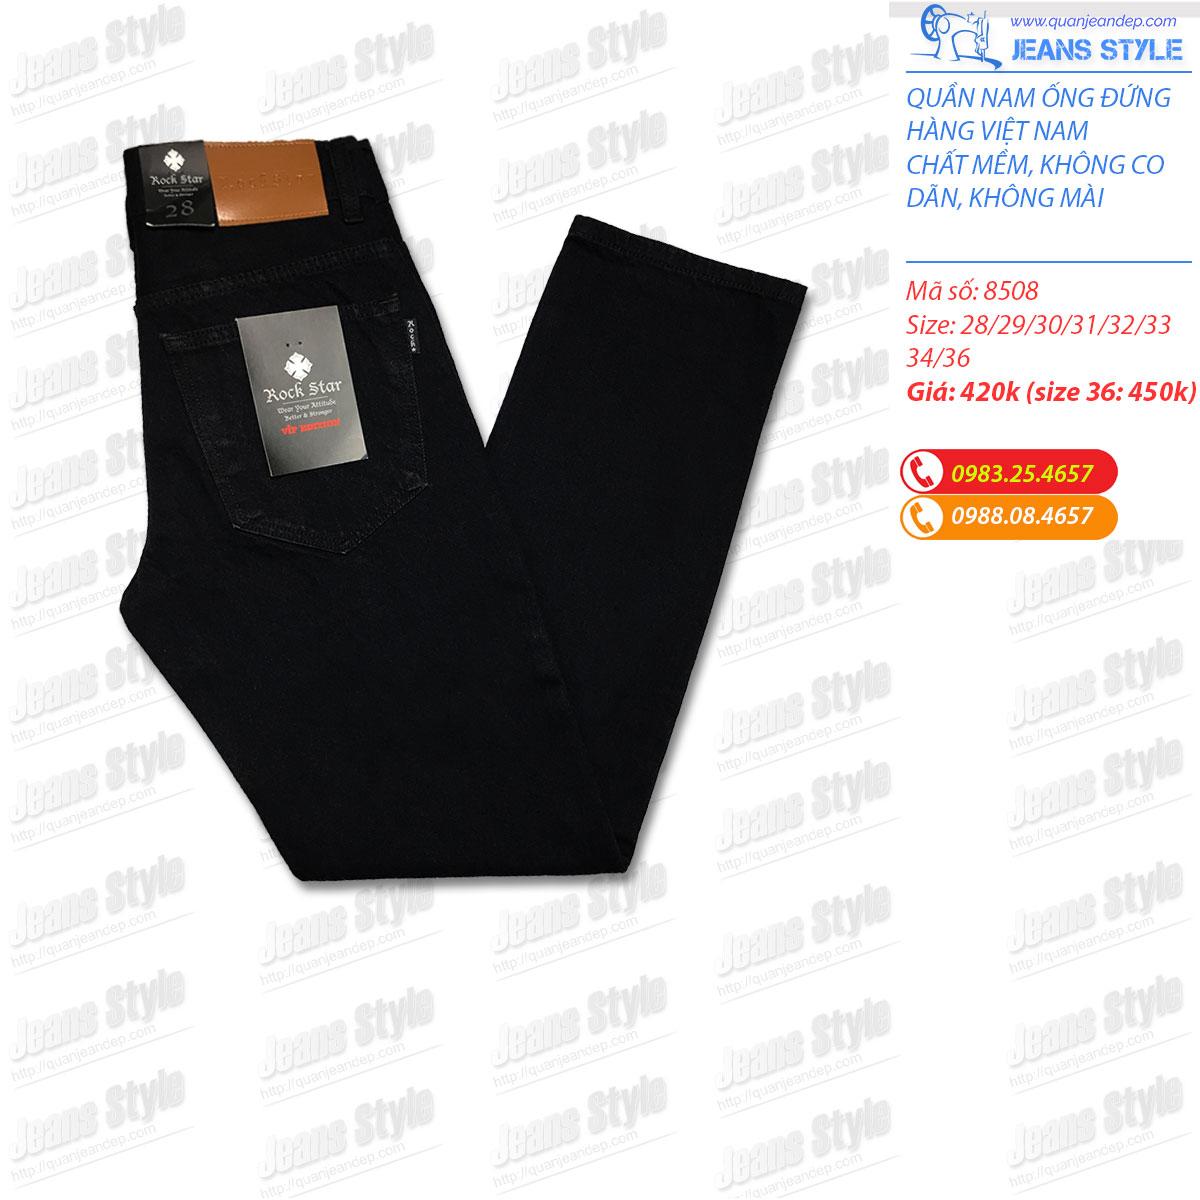 Quần jean nam đen tuyền dáng xuông 8508 Giá:420.000,00 ₫